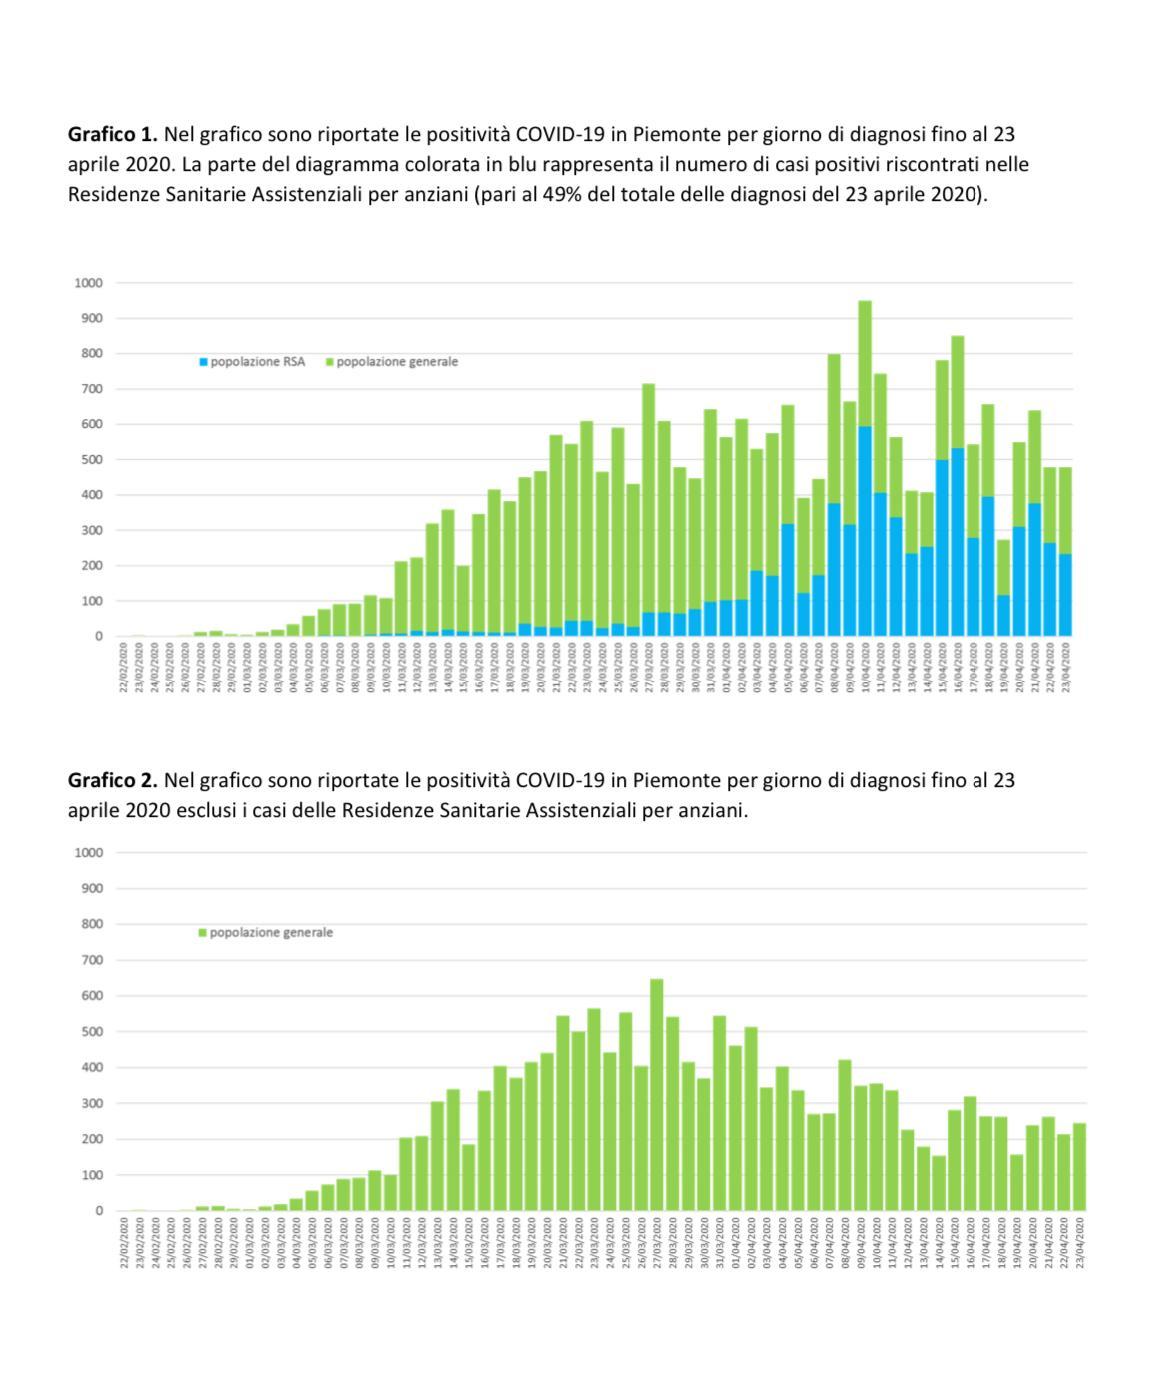 grafico 1 e 2 del 24 aprile